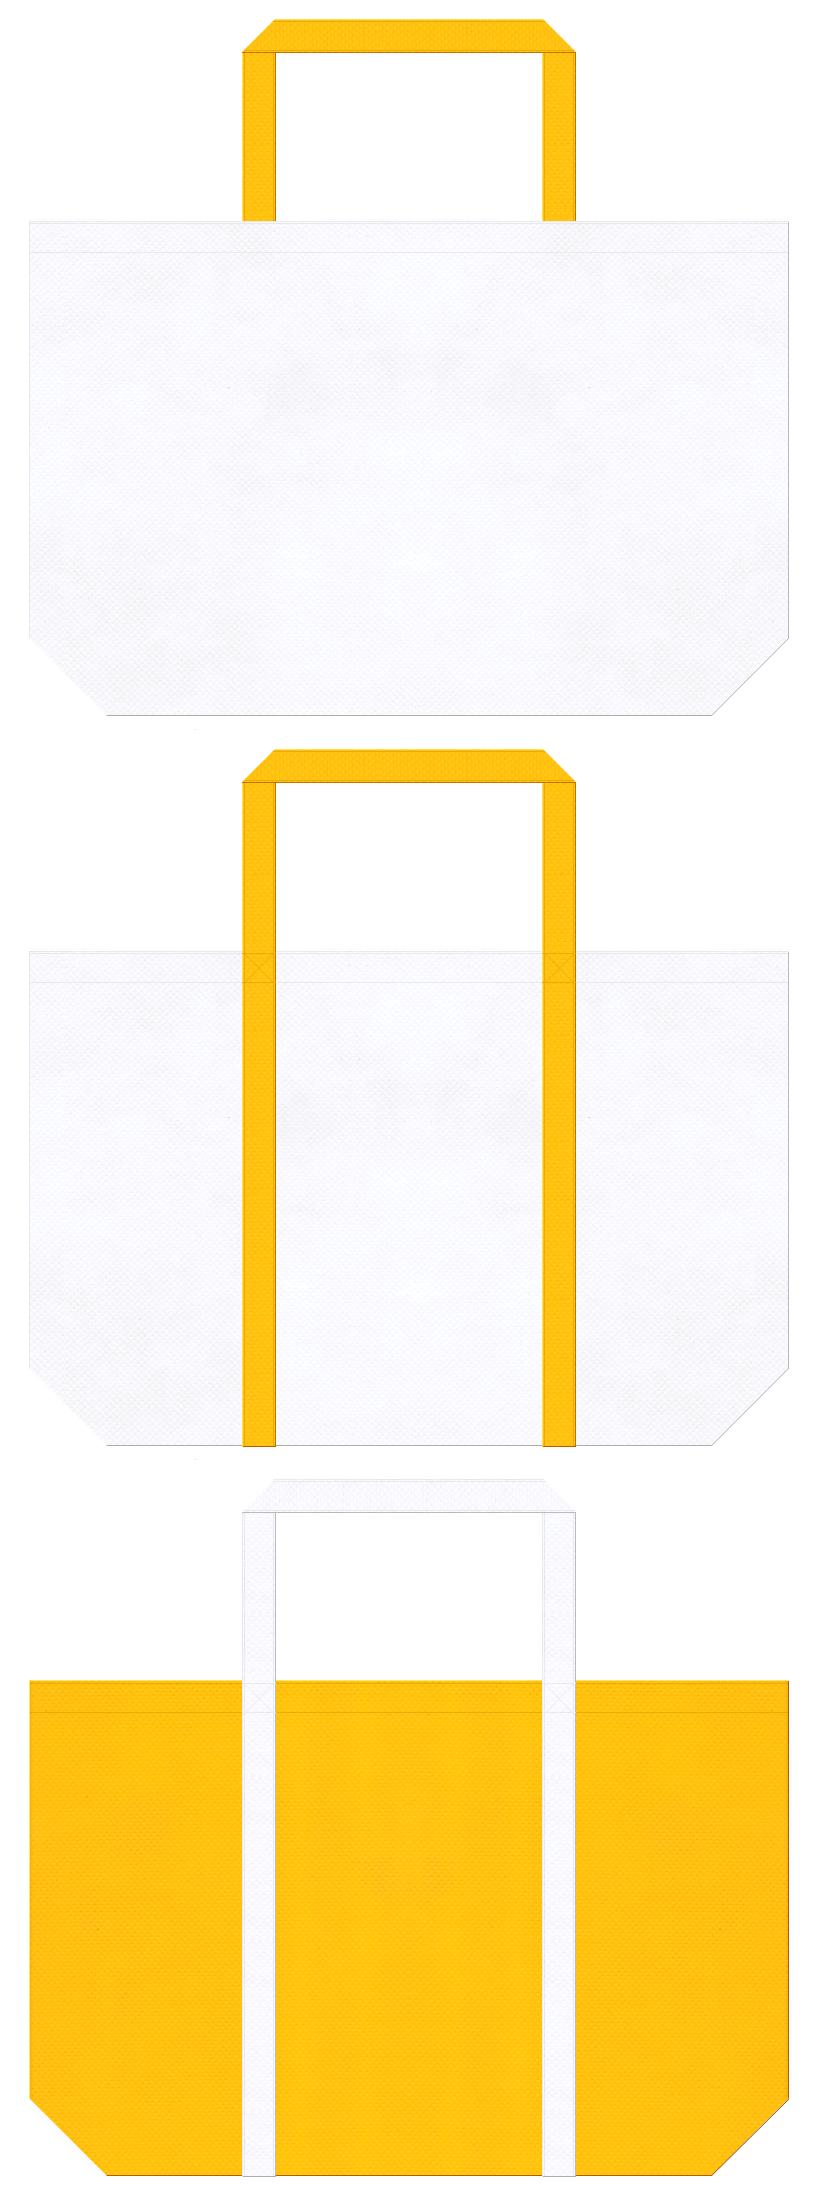 レモン・ビタミン・サプリメント・たまご・交通安全・キッズイベント・電気・通信・エネルギー・太陽光発電の展示会用バッグにお奨めの不織布バッグデザイン:白色と黄色のコーデ